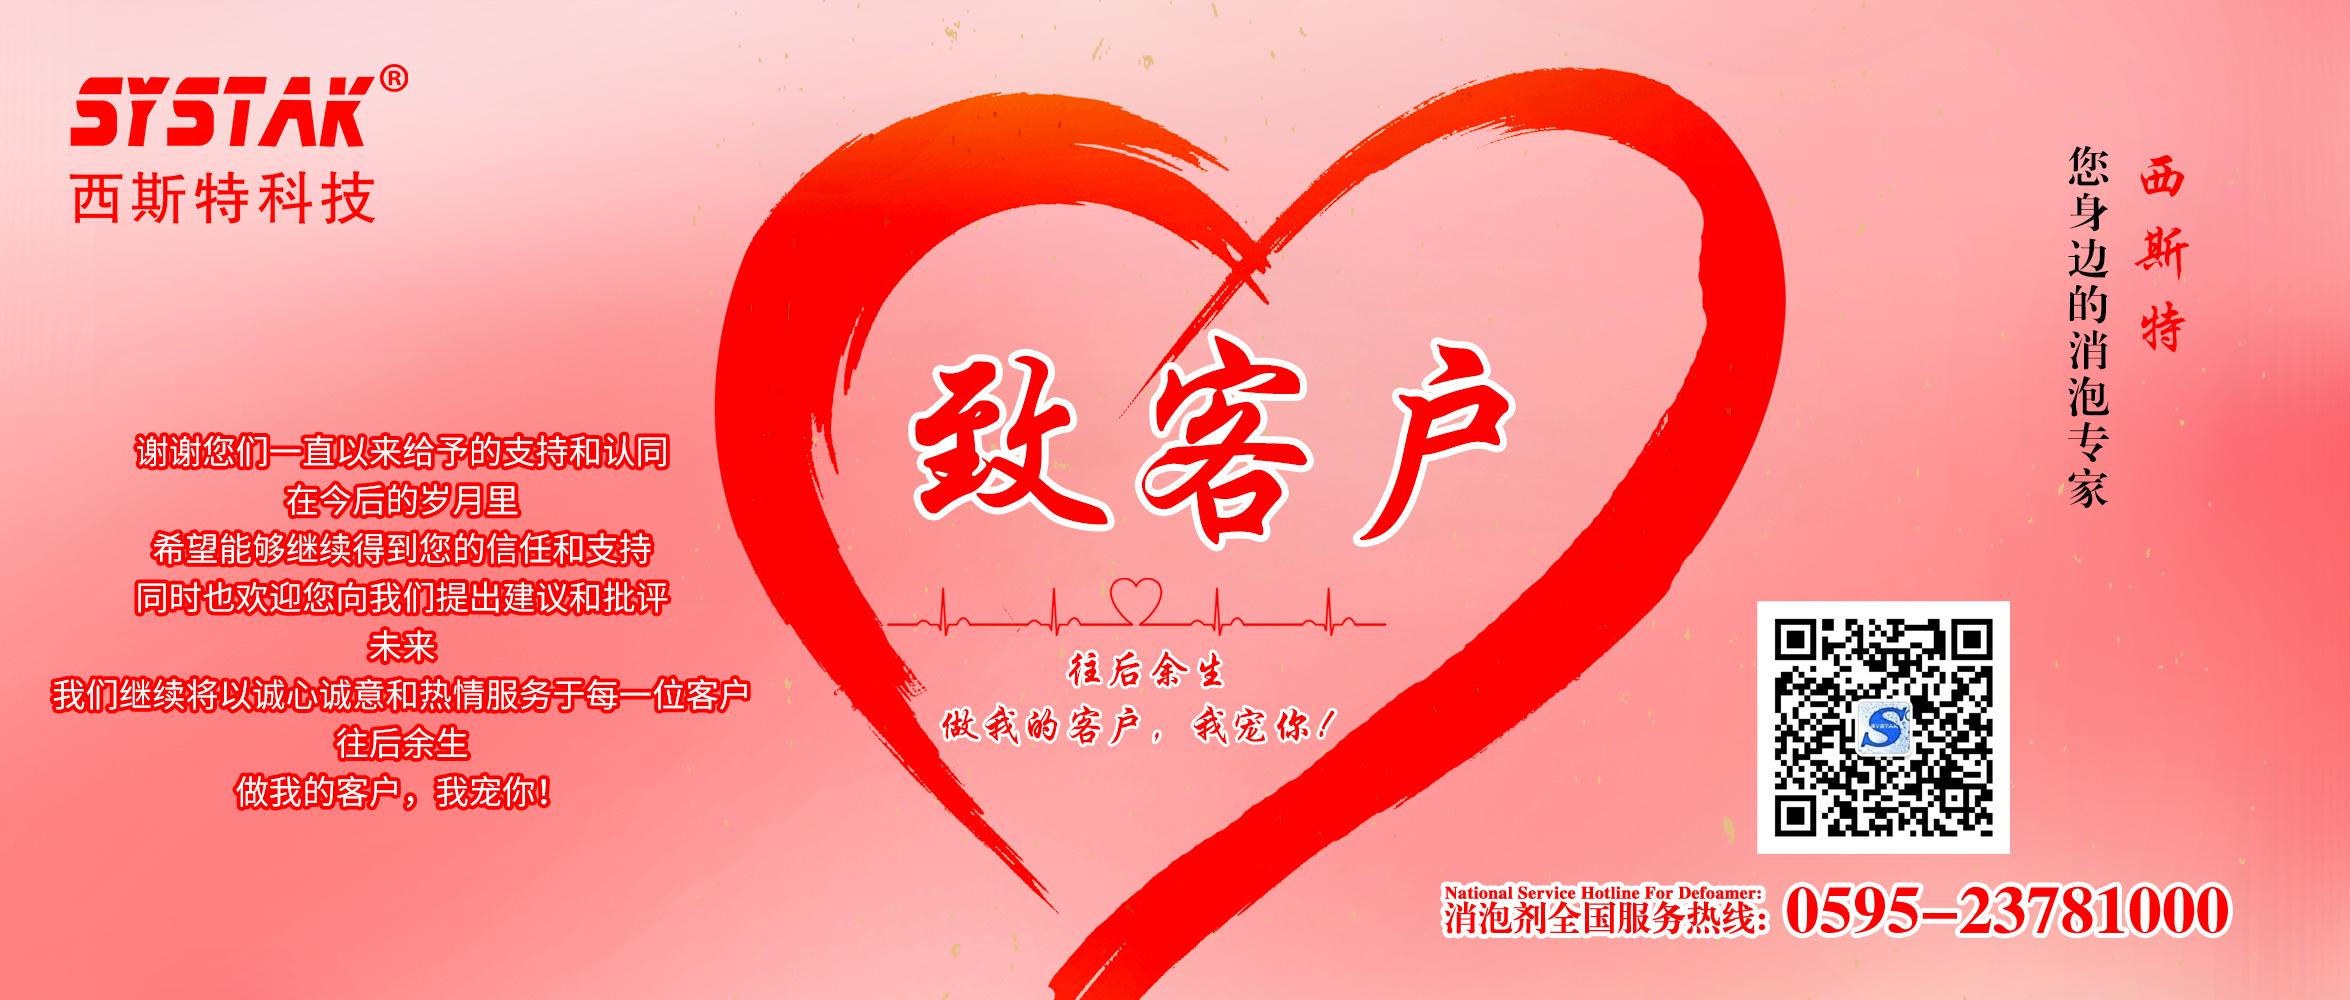 七夕节|我的心里眼里都只有客户,客户才是真爱!